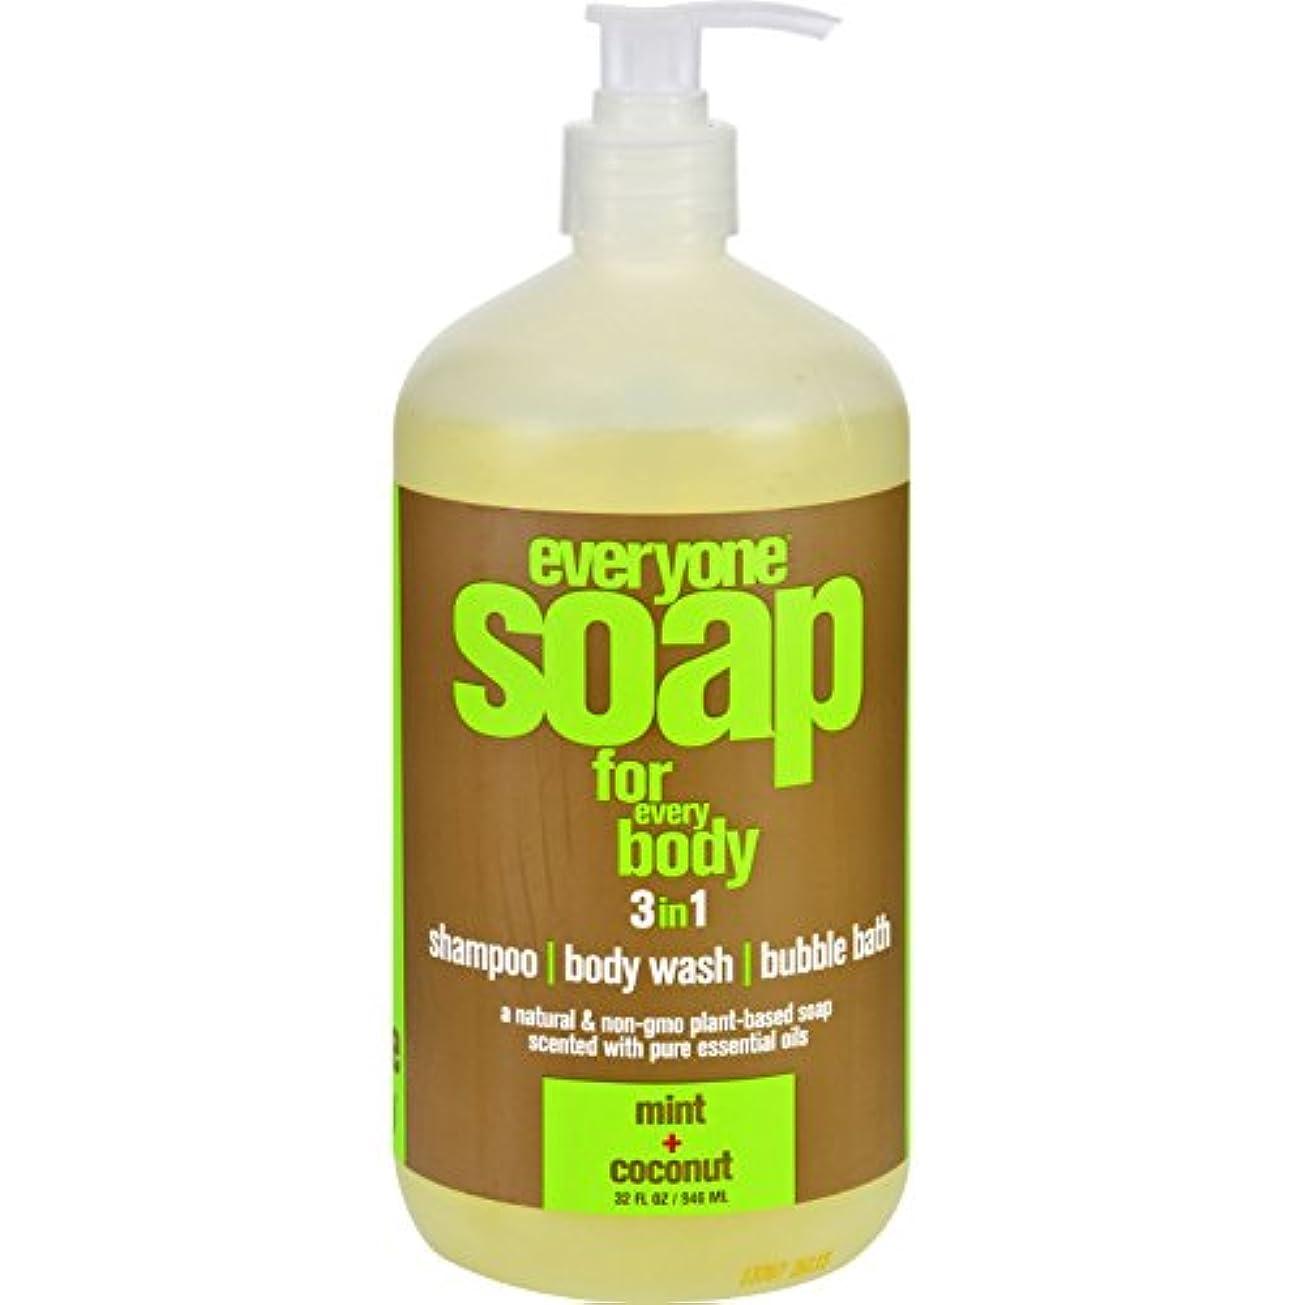 どれフランクワースリースキップHand Soap - Natural - Everyone - Liquid - Mint and Coconut - 32 oz by EO Products